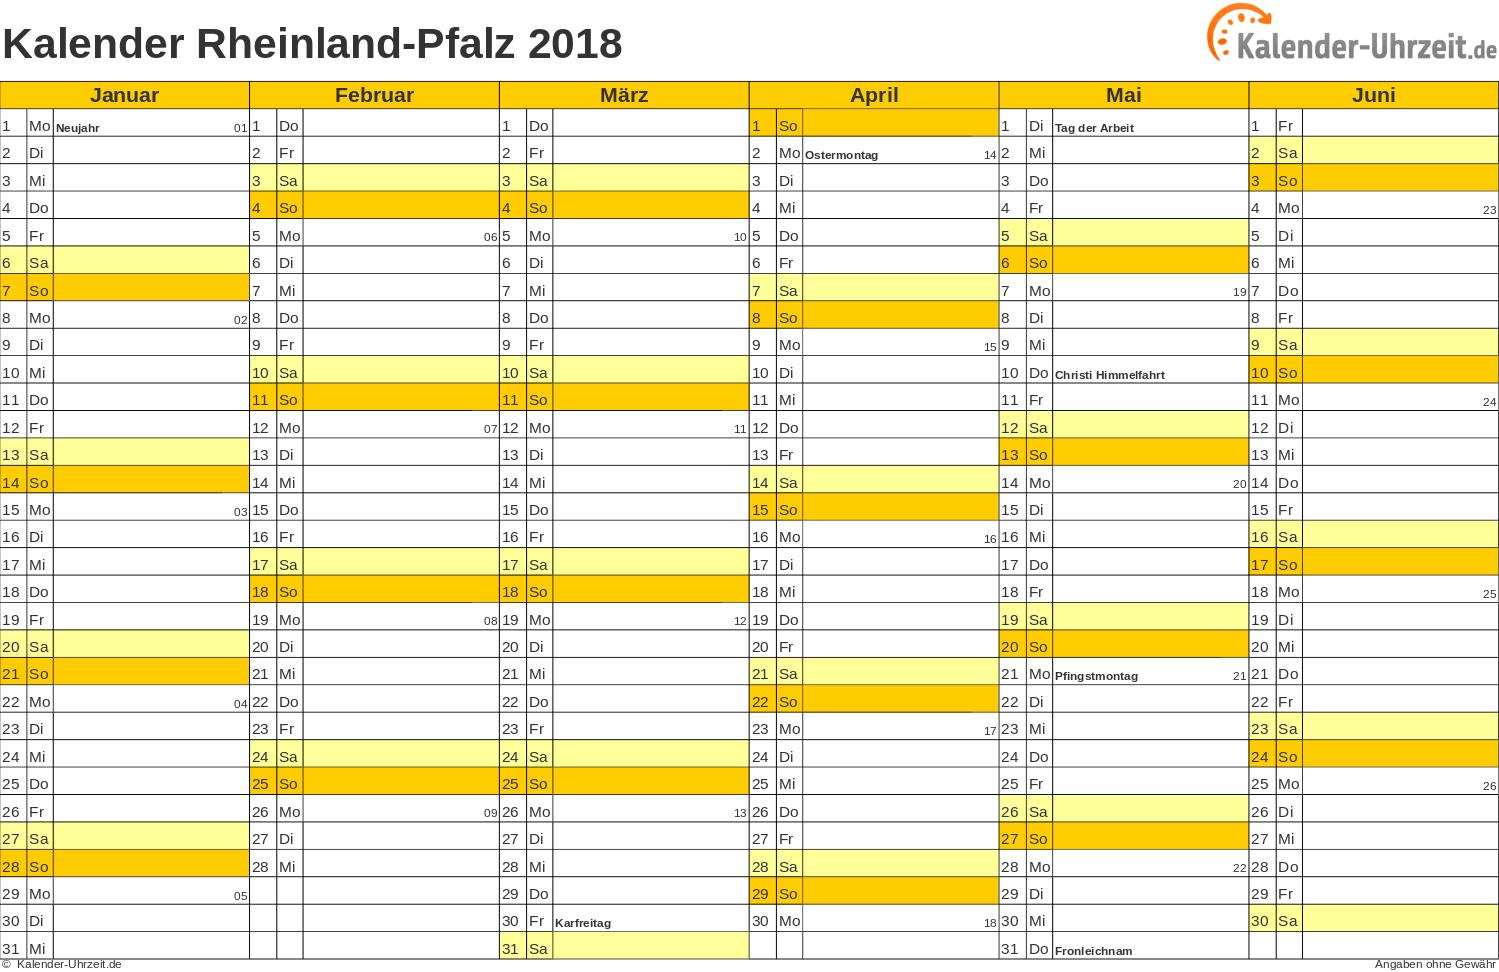 Rheinland-Pfalz Kalender 2018 mit Feiertagen - quer-zweiseitig